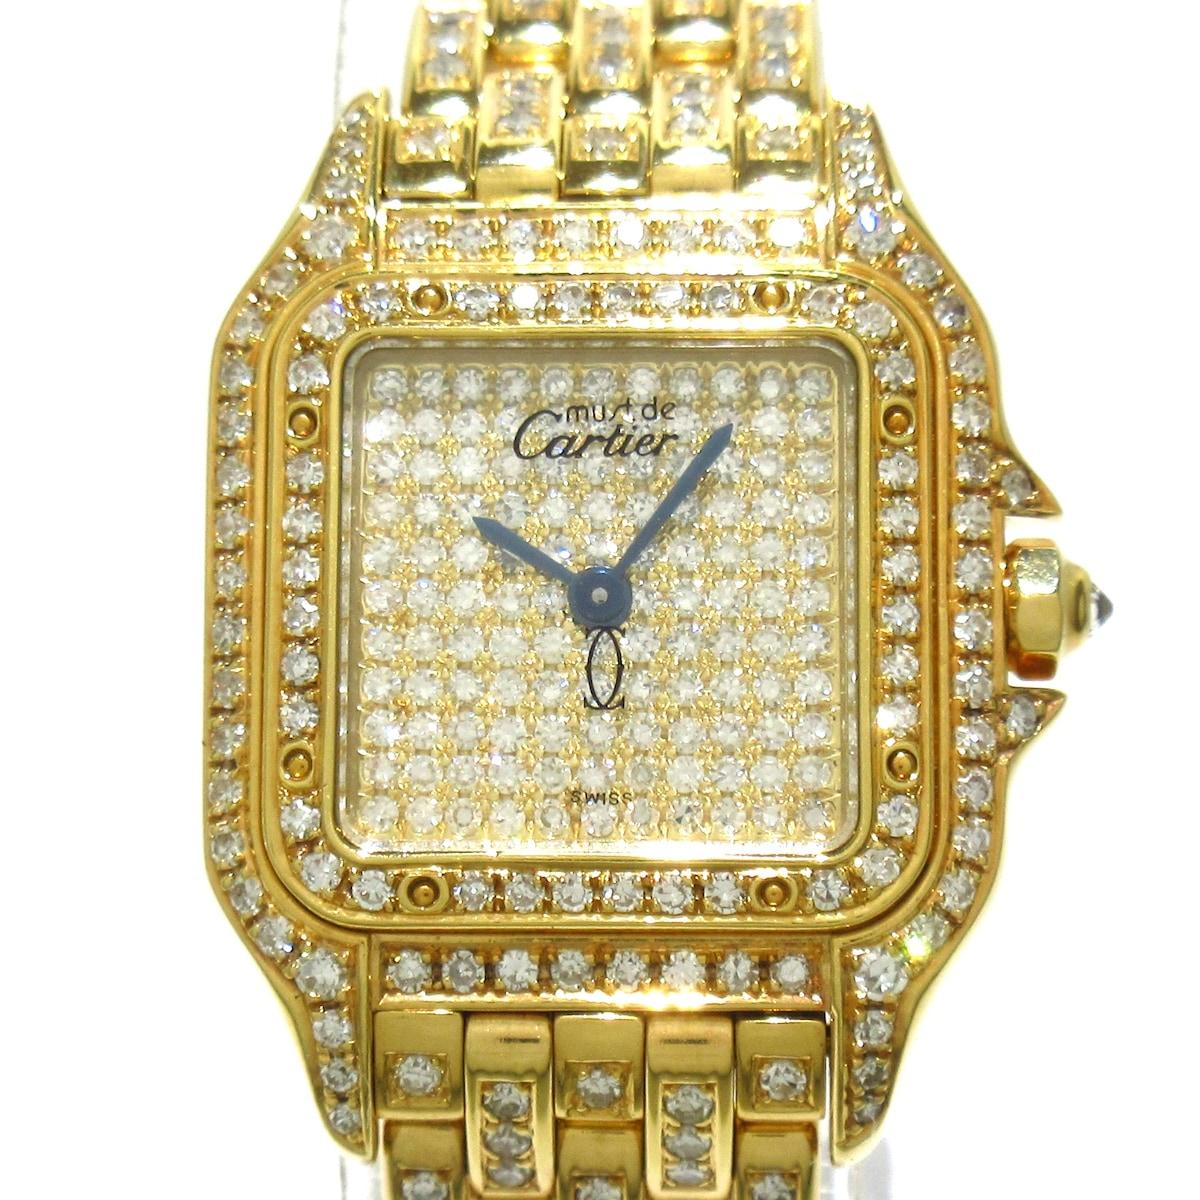 Cartier(カルティエ)のパンテールSM